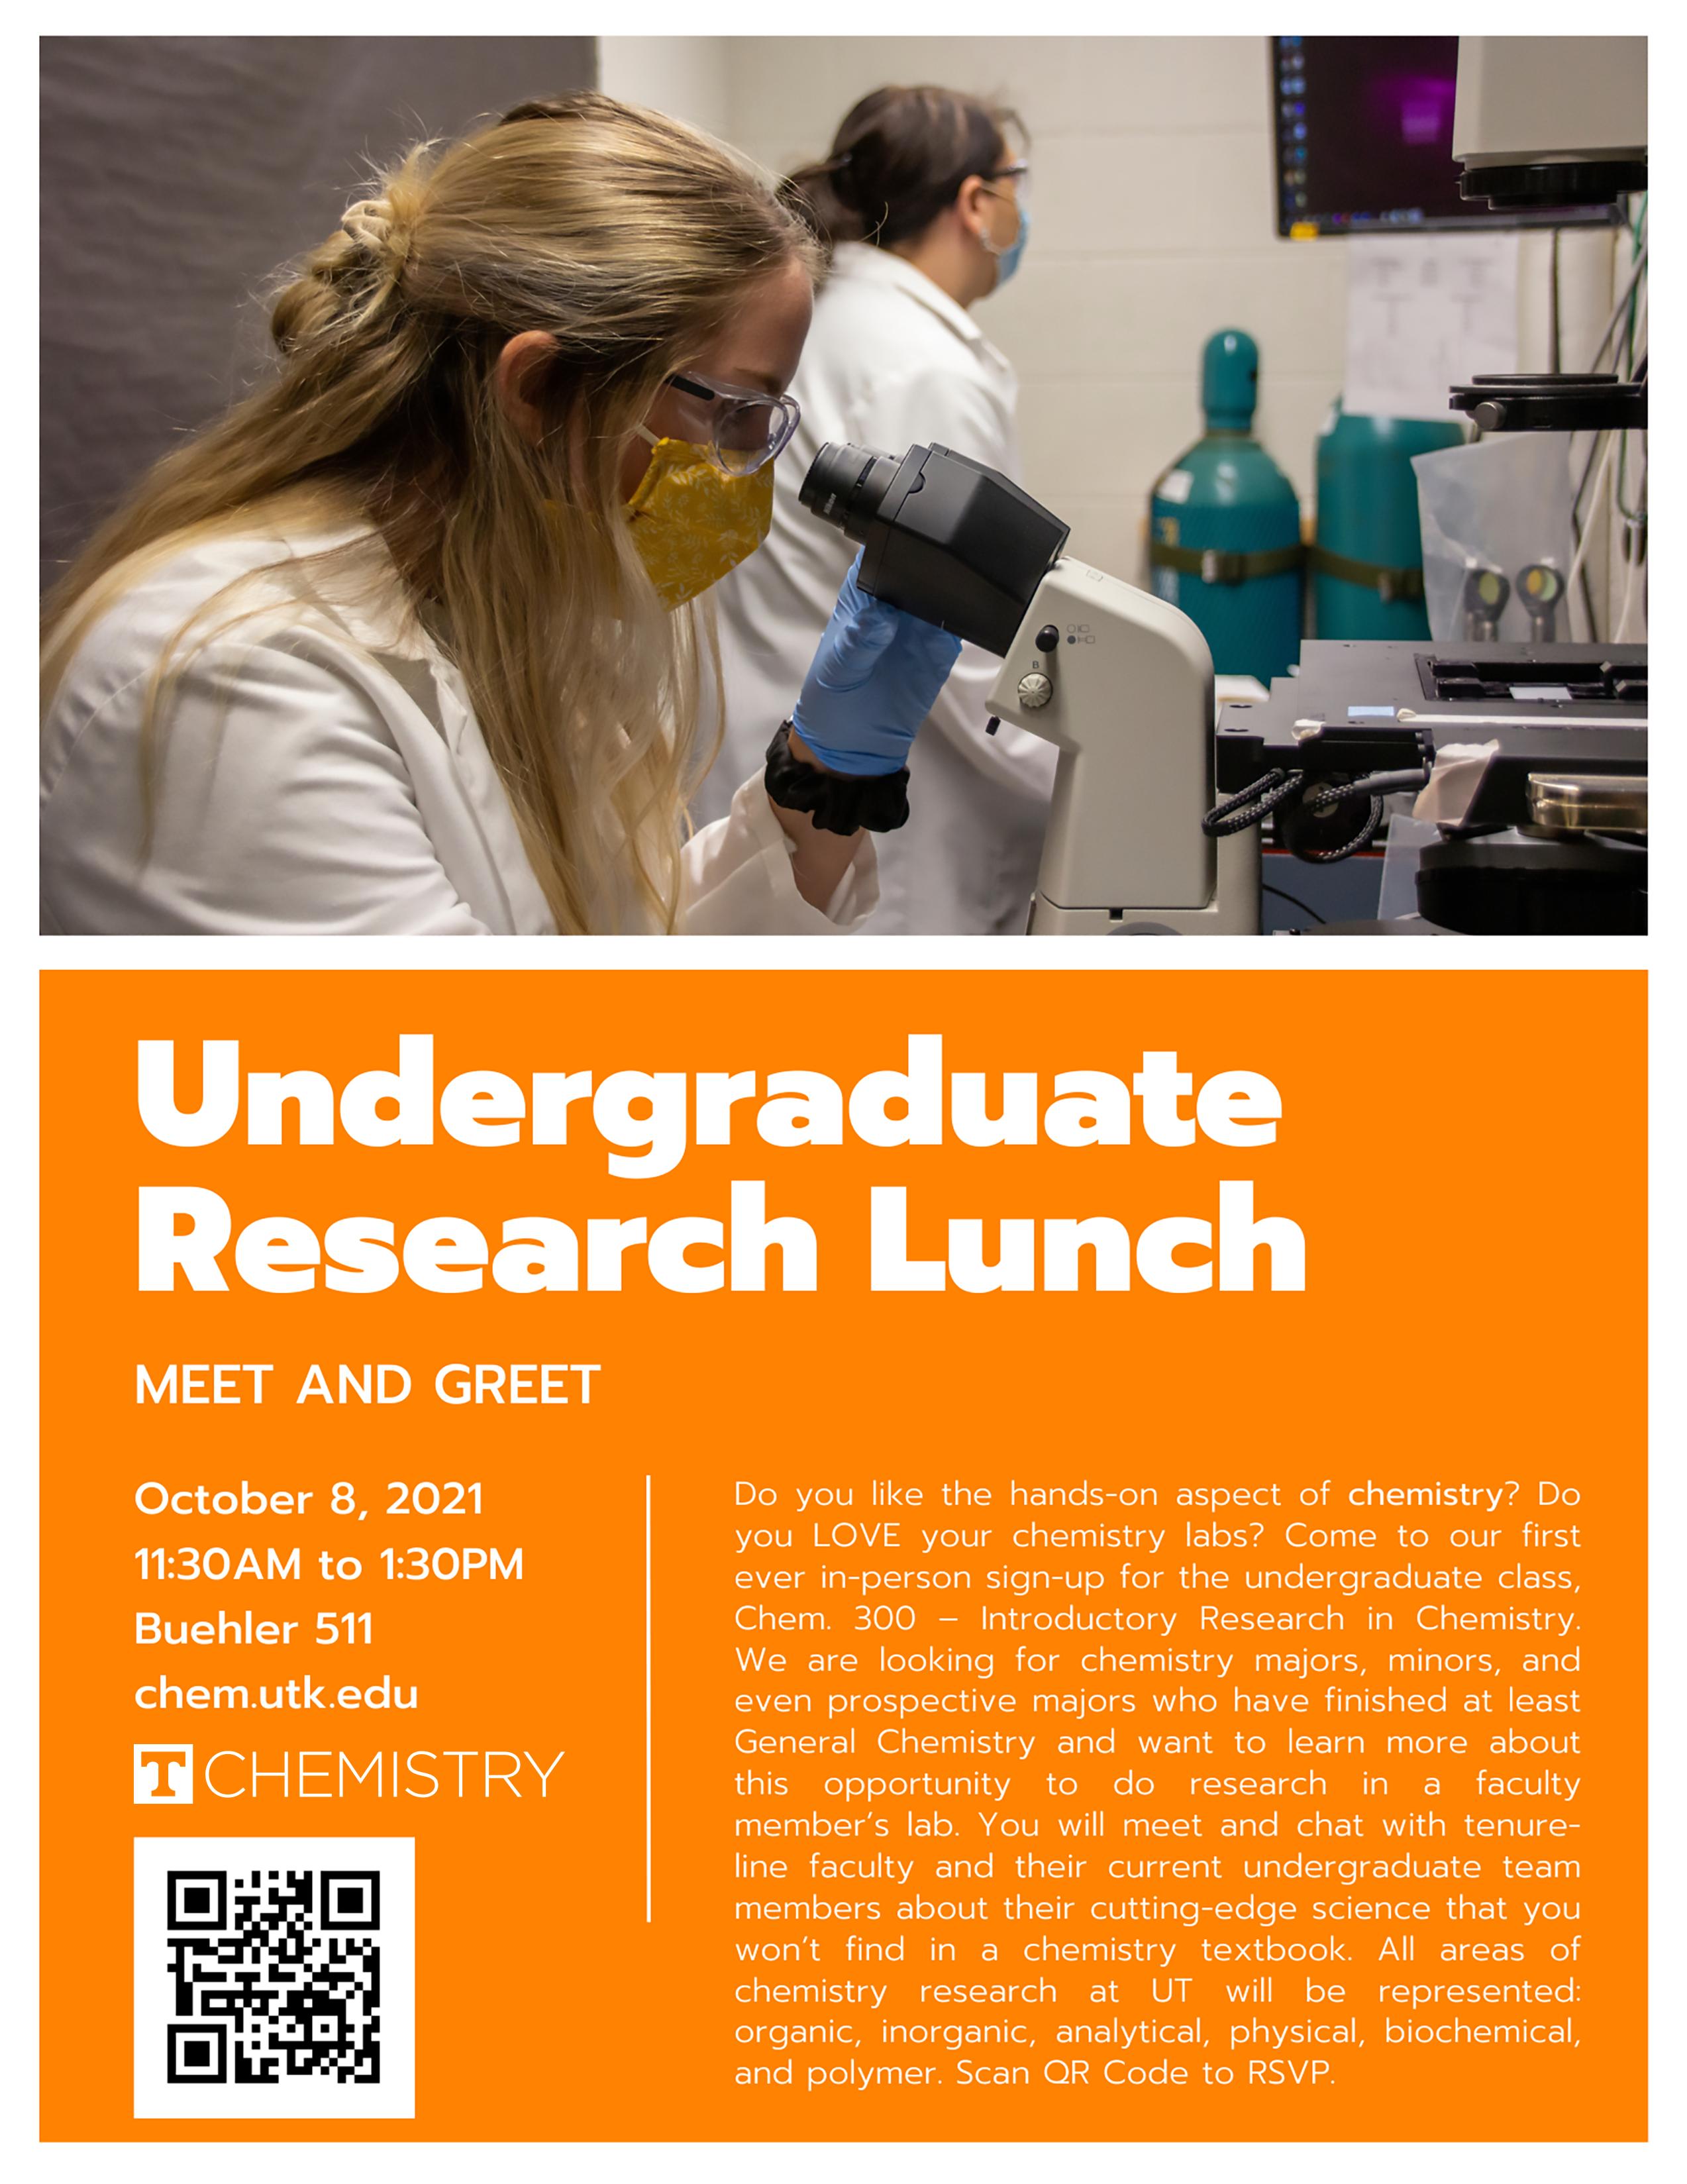 2021 Undergraduate Research Lunch